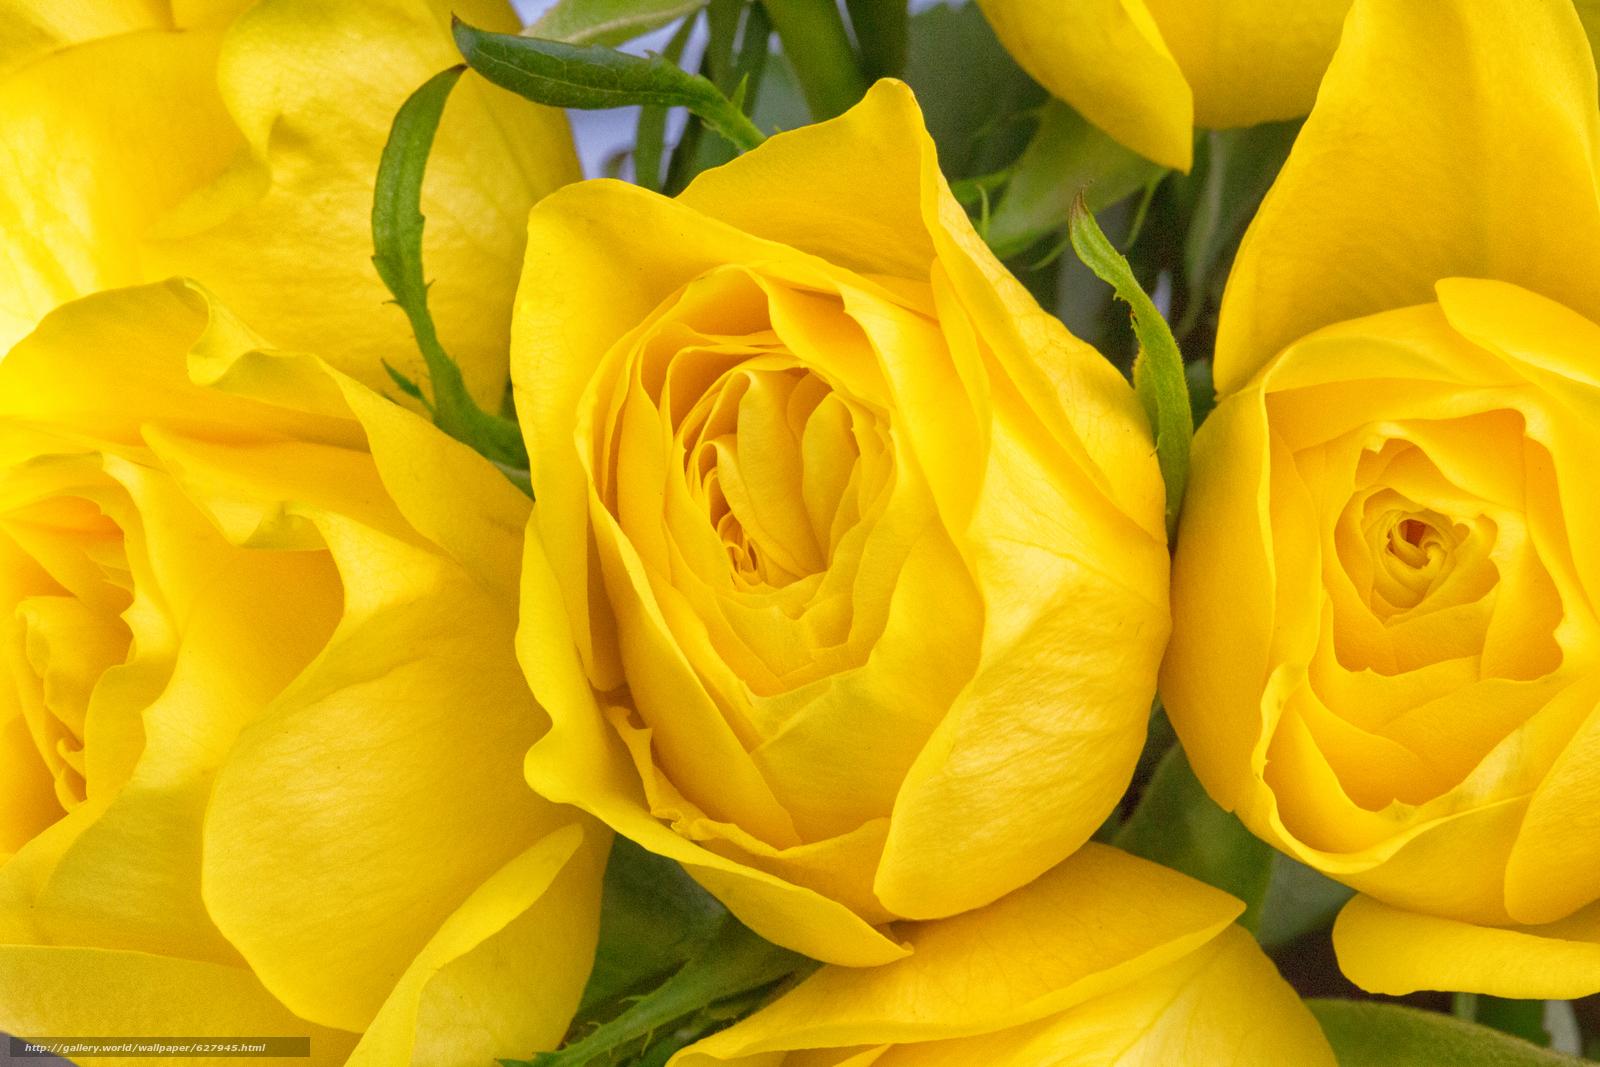 Скачать на телефон обои фото картинку на тему жёлтые розы, розы, бутоны, макро, разширение 5760x3840